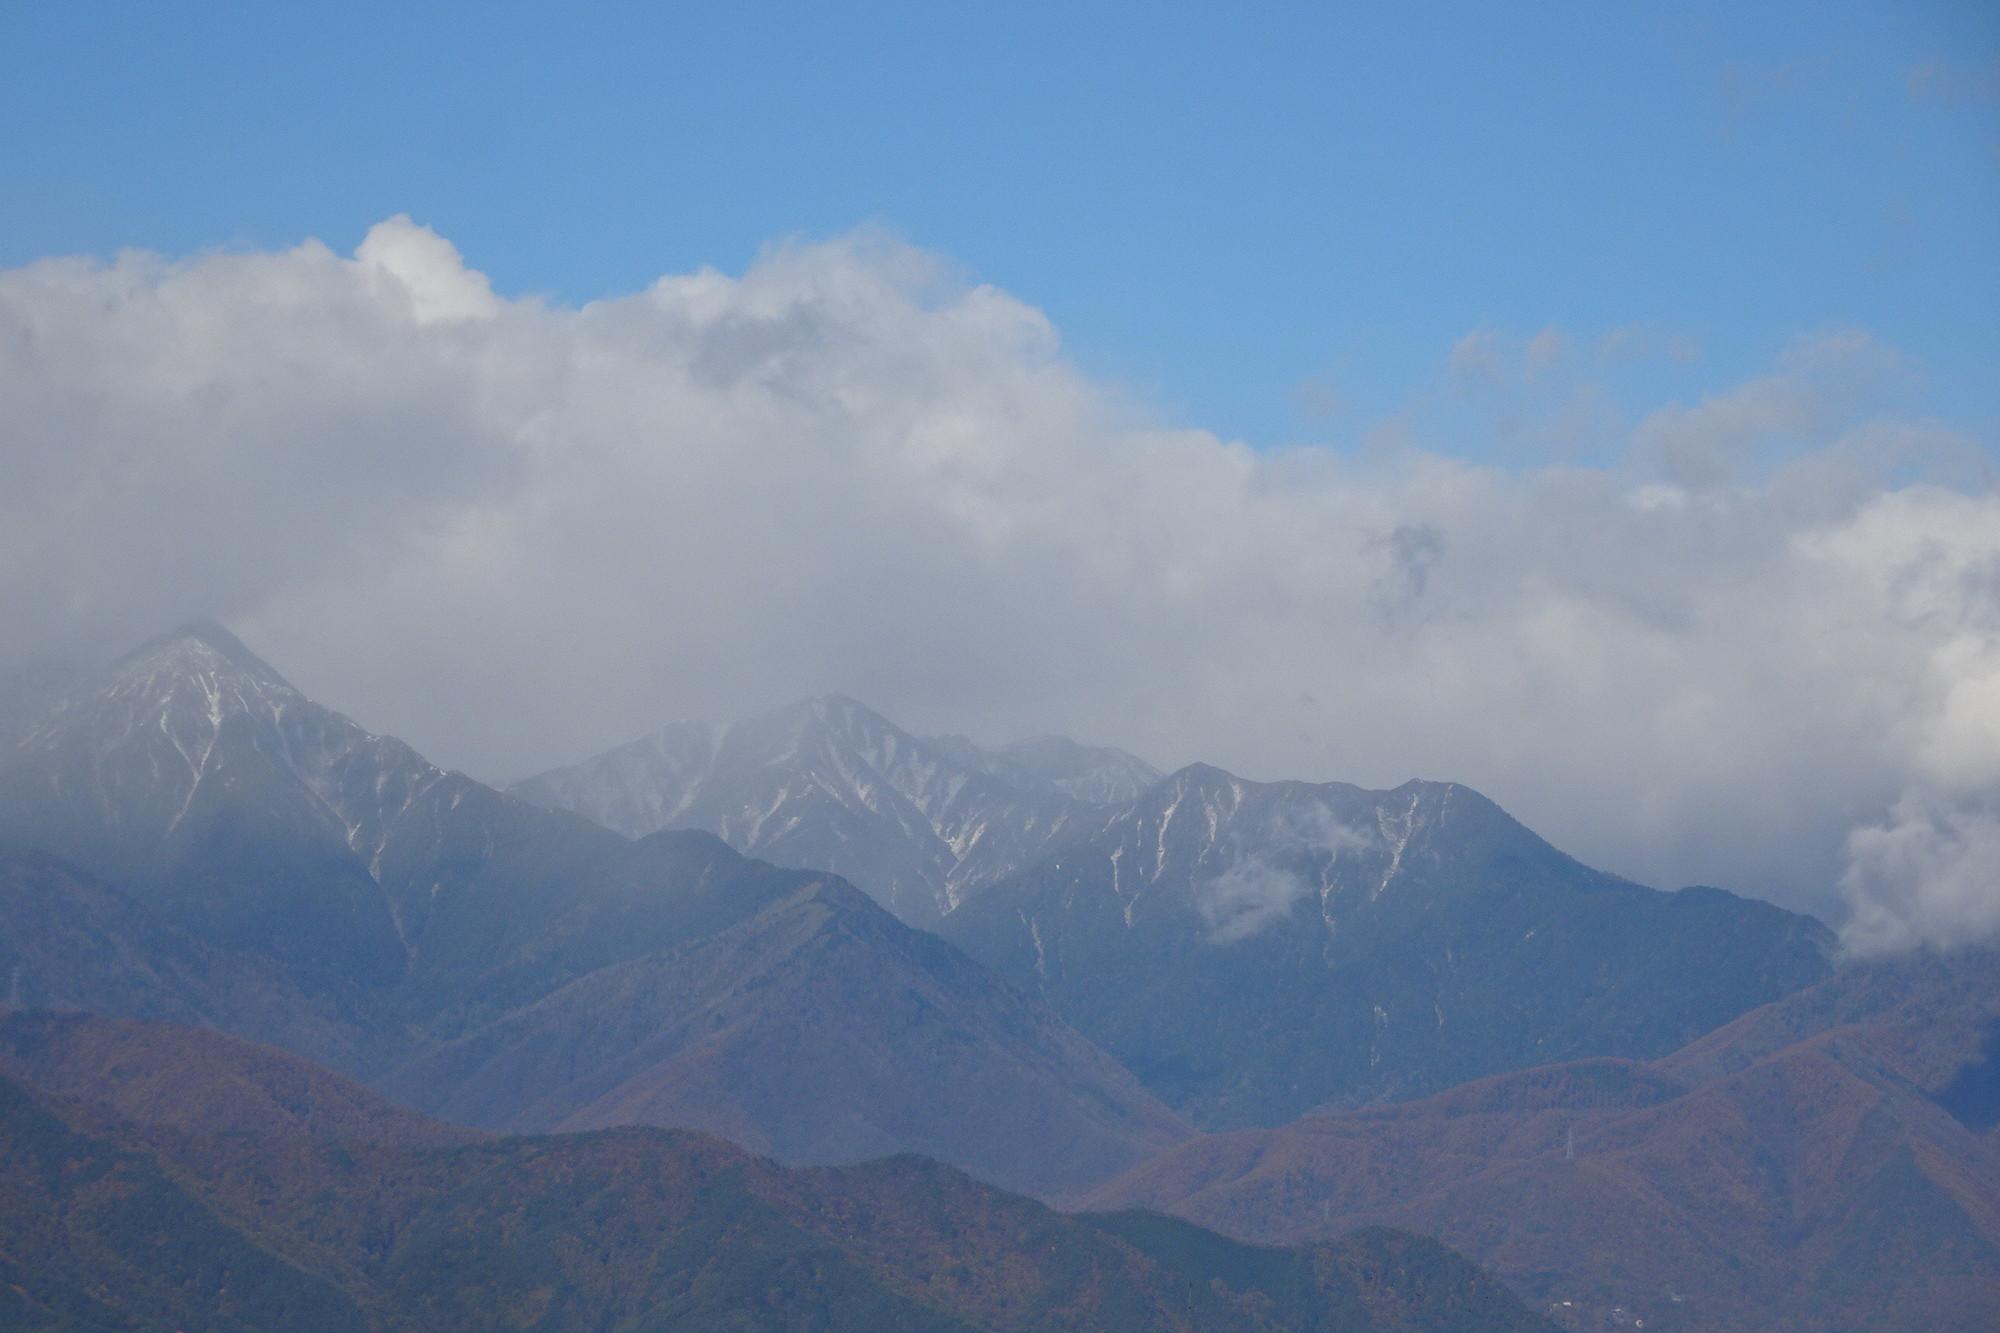 常念岳と横通し岳のアップ写真